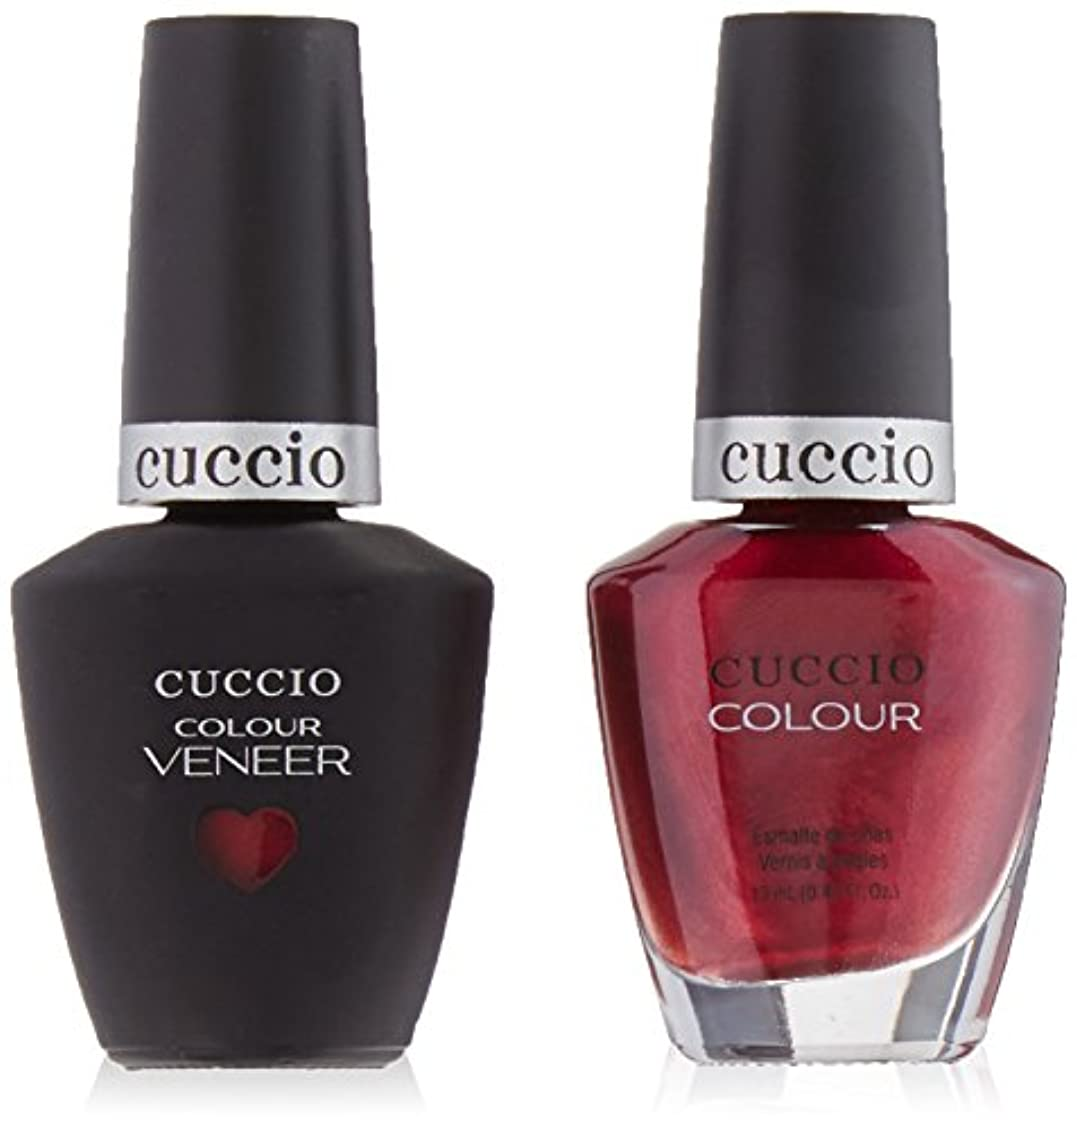 分岐するデッド生産性Cuccio MatchMakers Veneer & Lacquer - Moscow Red Square - 0.43oz / 13ml Each